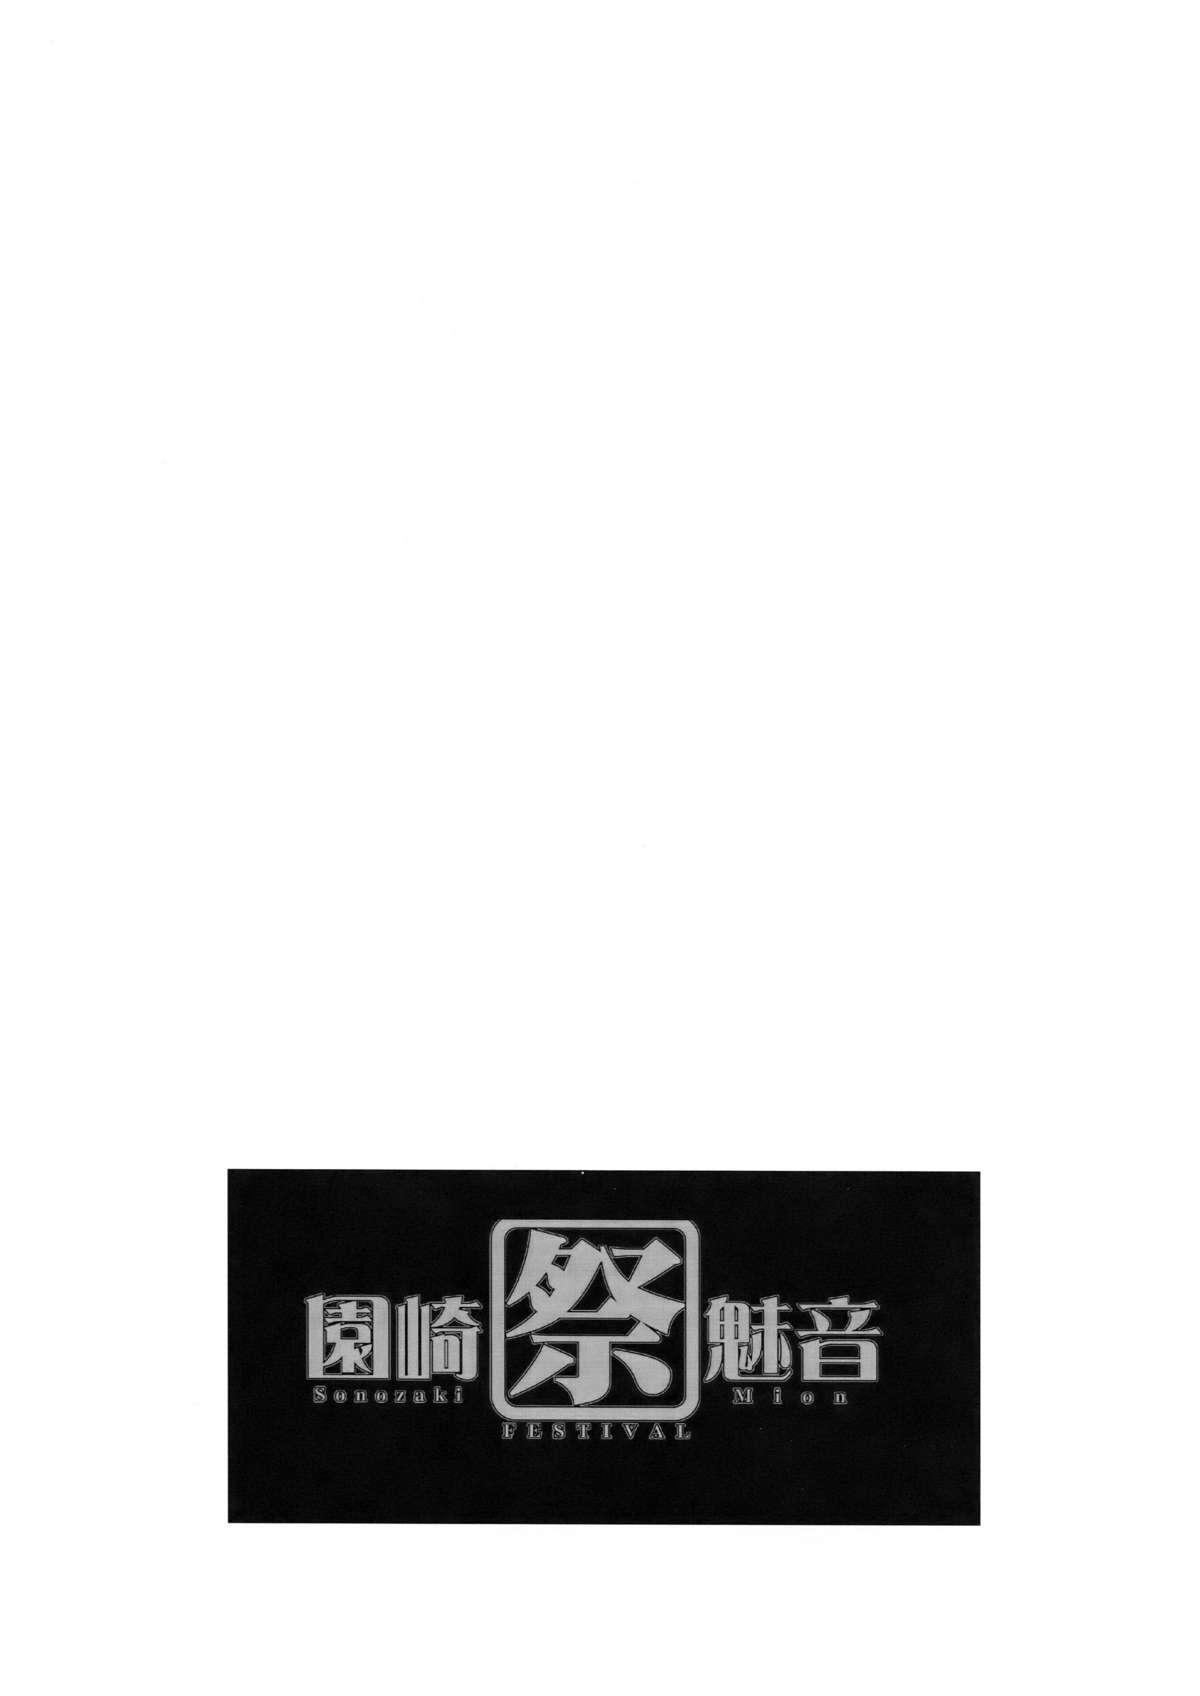 Sonozaki Mion Matsuri 3